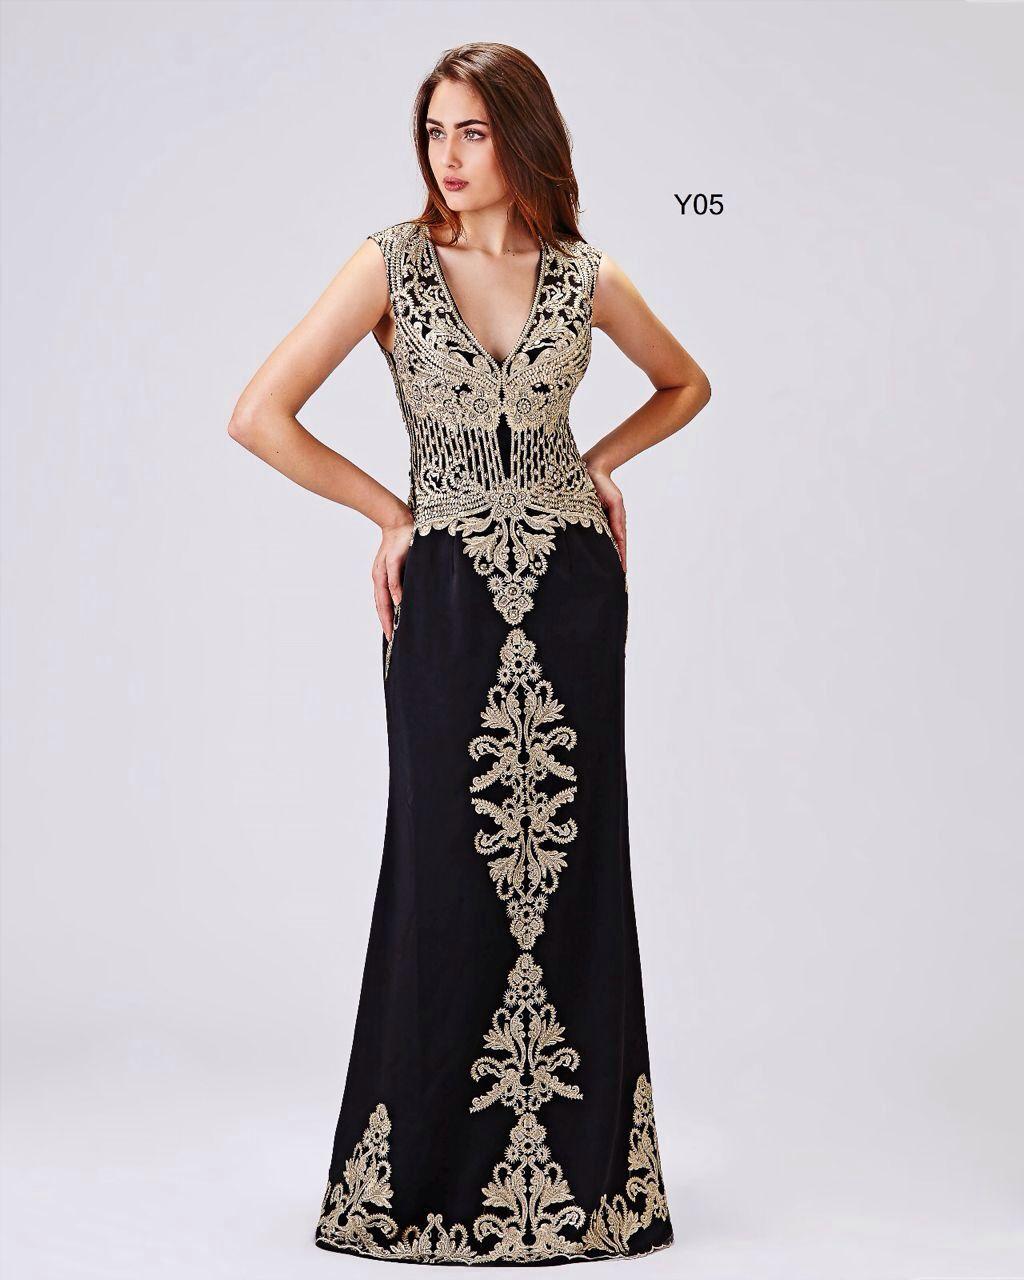 c4be55bba Vestido de Festa Preto com Detalhes Dourados Aluguel de Vestidos de Festa  Longos no RJ. Vestido luxo!